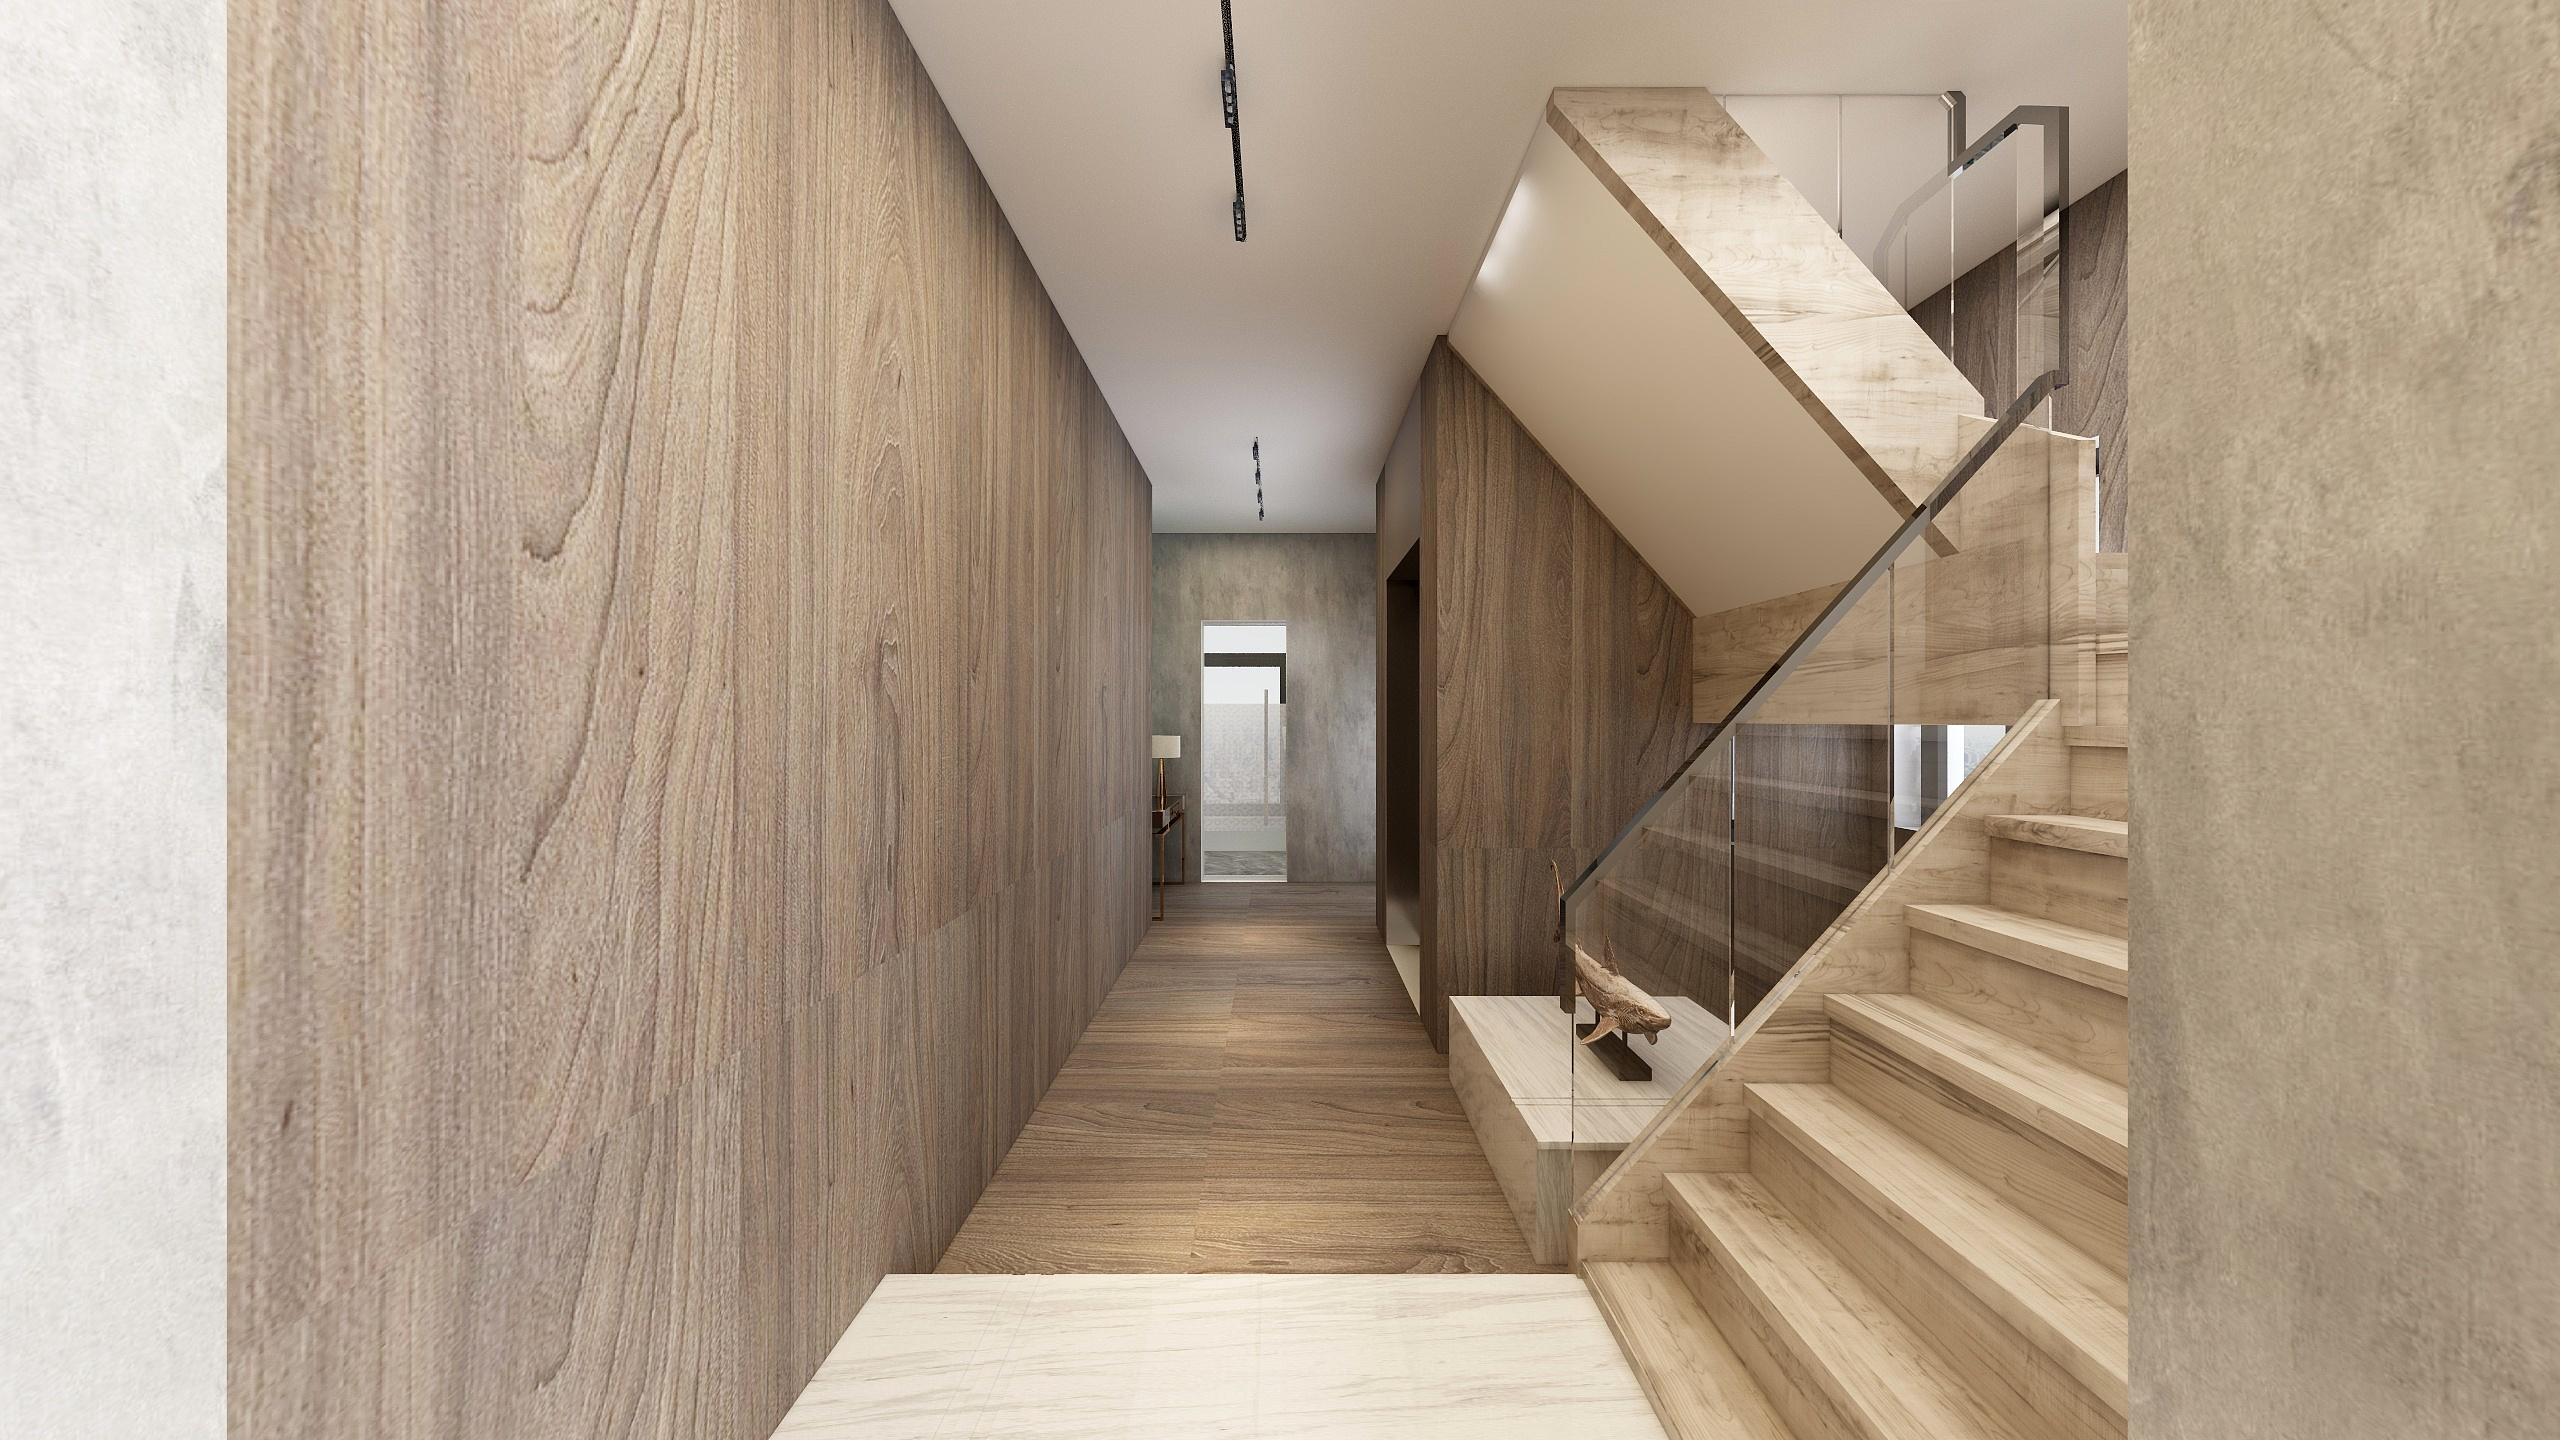 苏州玛斯兰德家居有限公司旗下的西莱福花曲柳木皮护墙板:纹理自然,花纹分布均匀,变化多端,属罕见装修精品木皮。